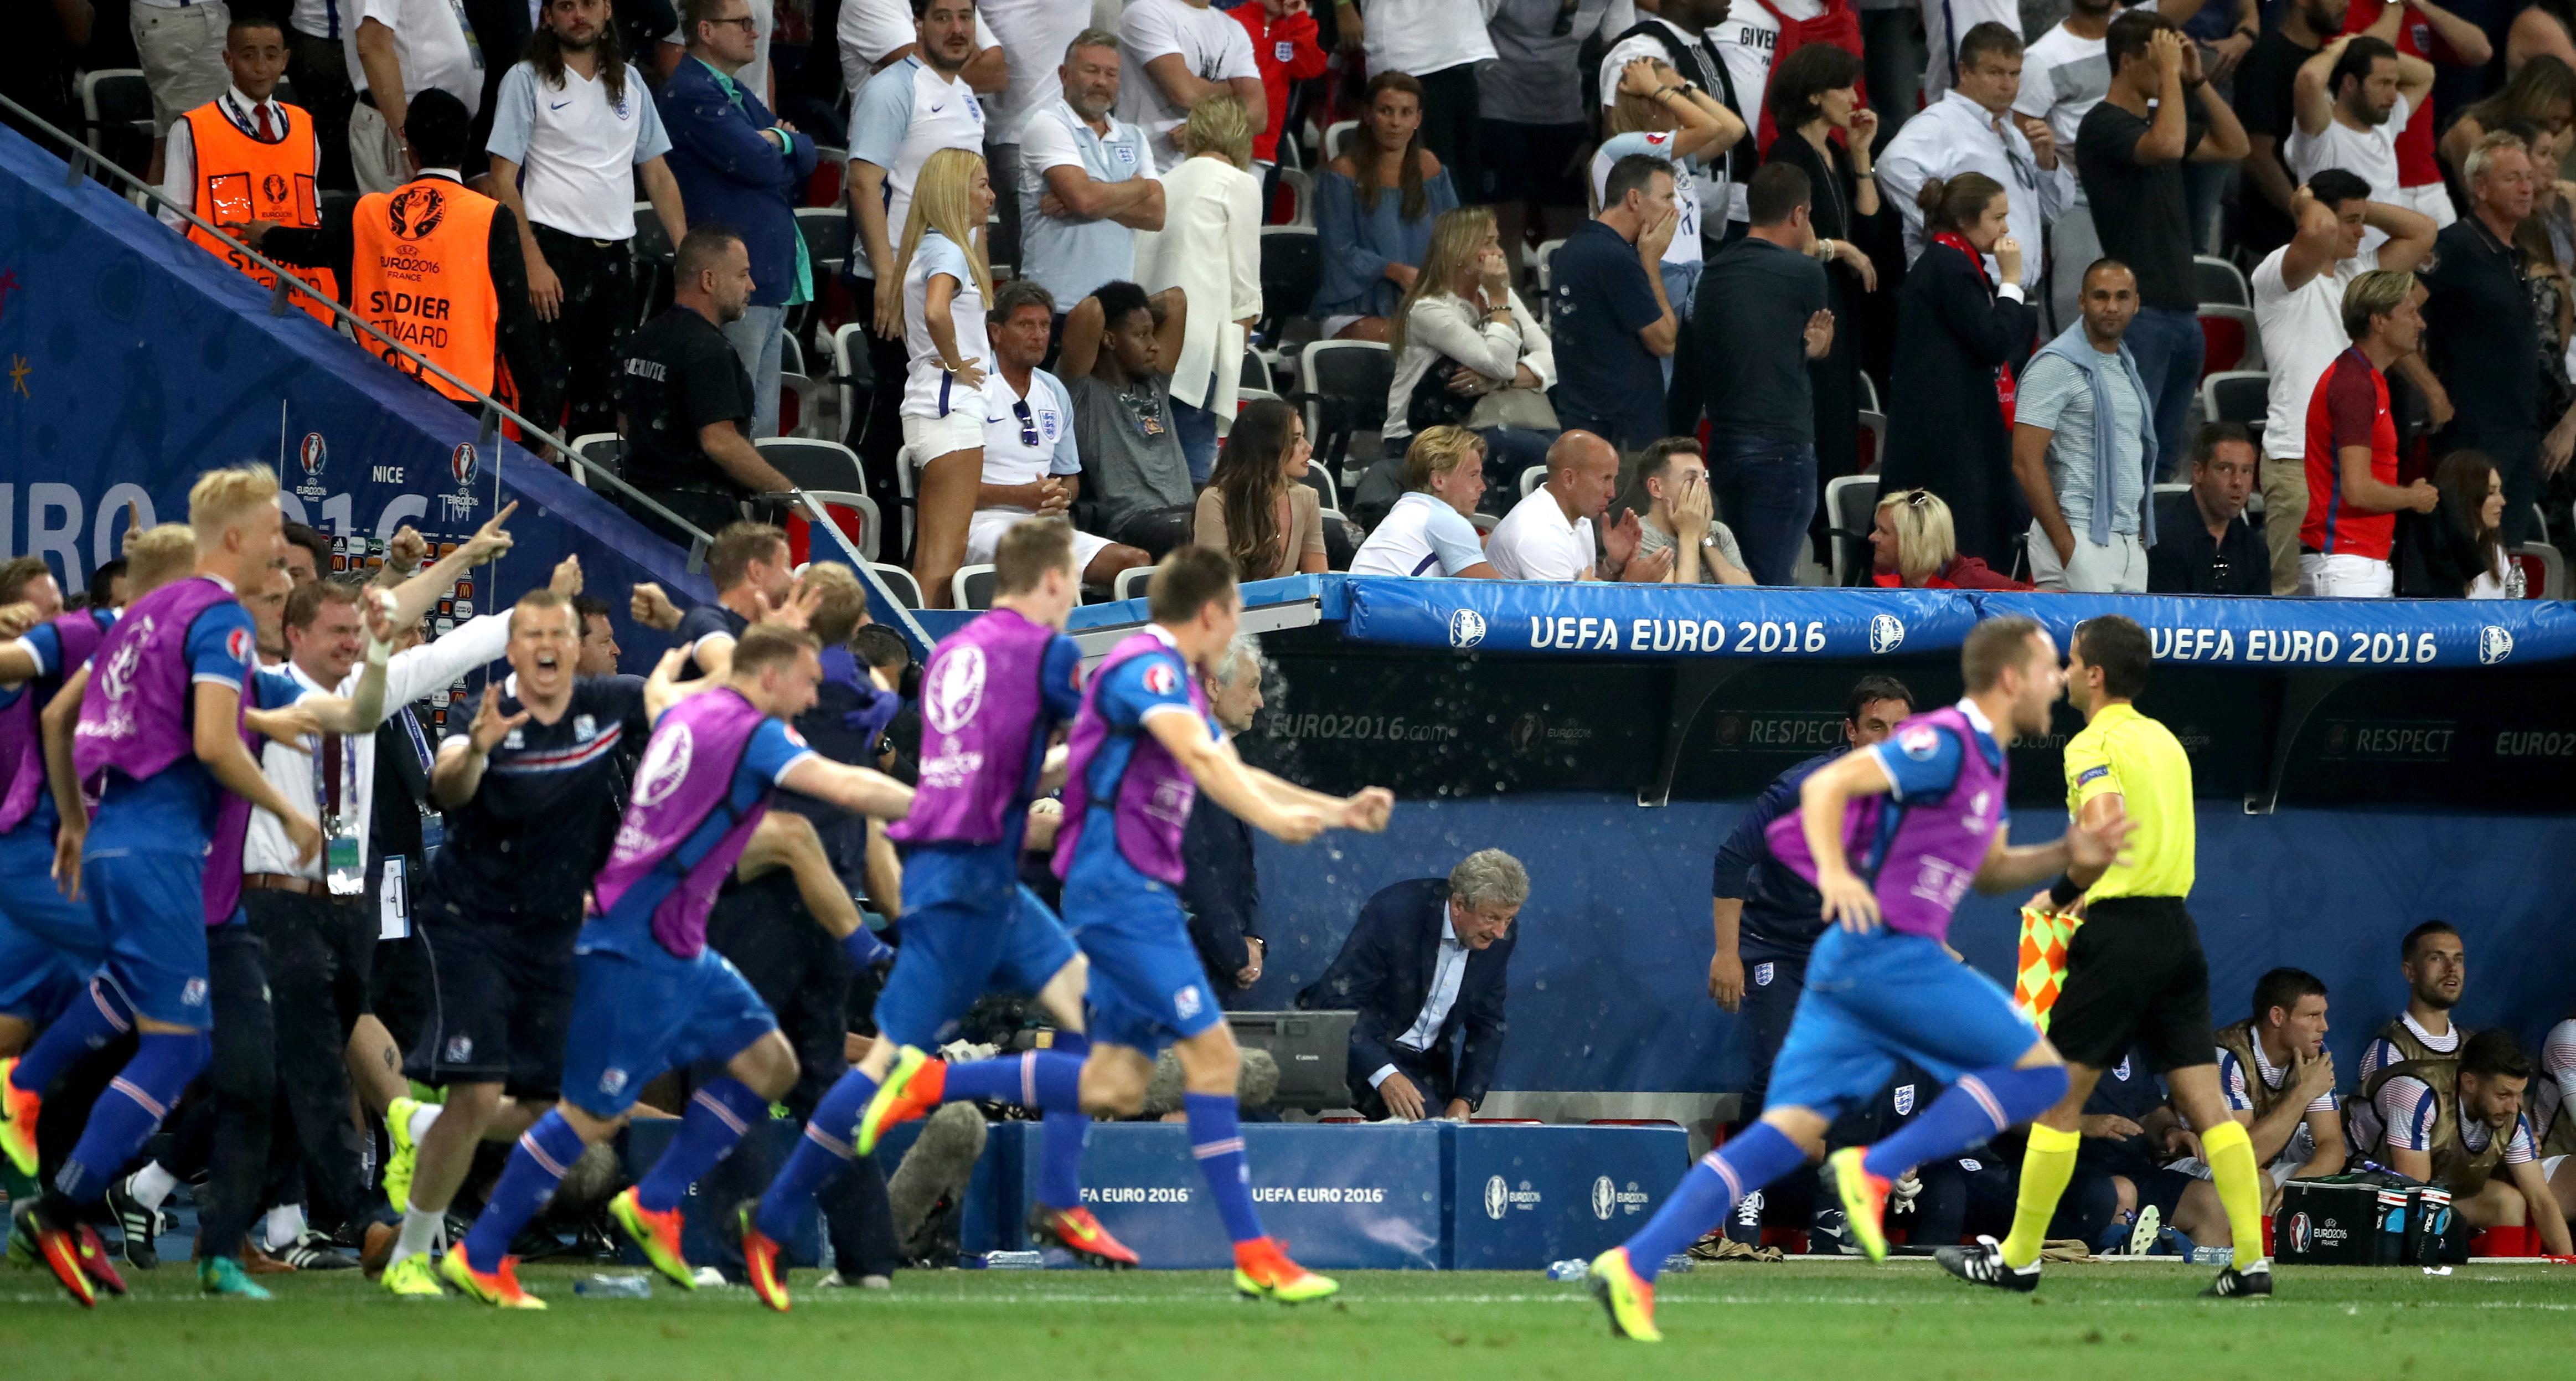 Roy Hodgson observa a los jugadores y al personal islandeses celebrar una victoria por 2-1 sobre Inglaterra en la Eurocopa 2016